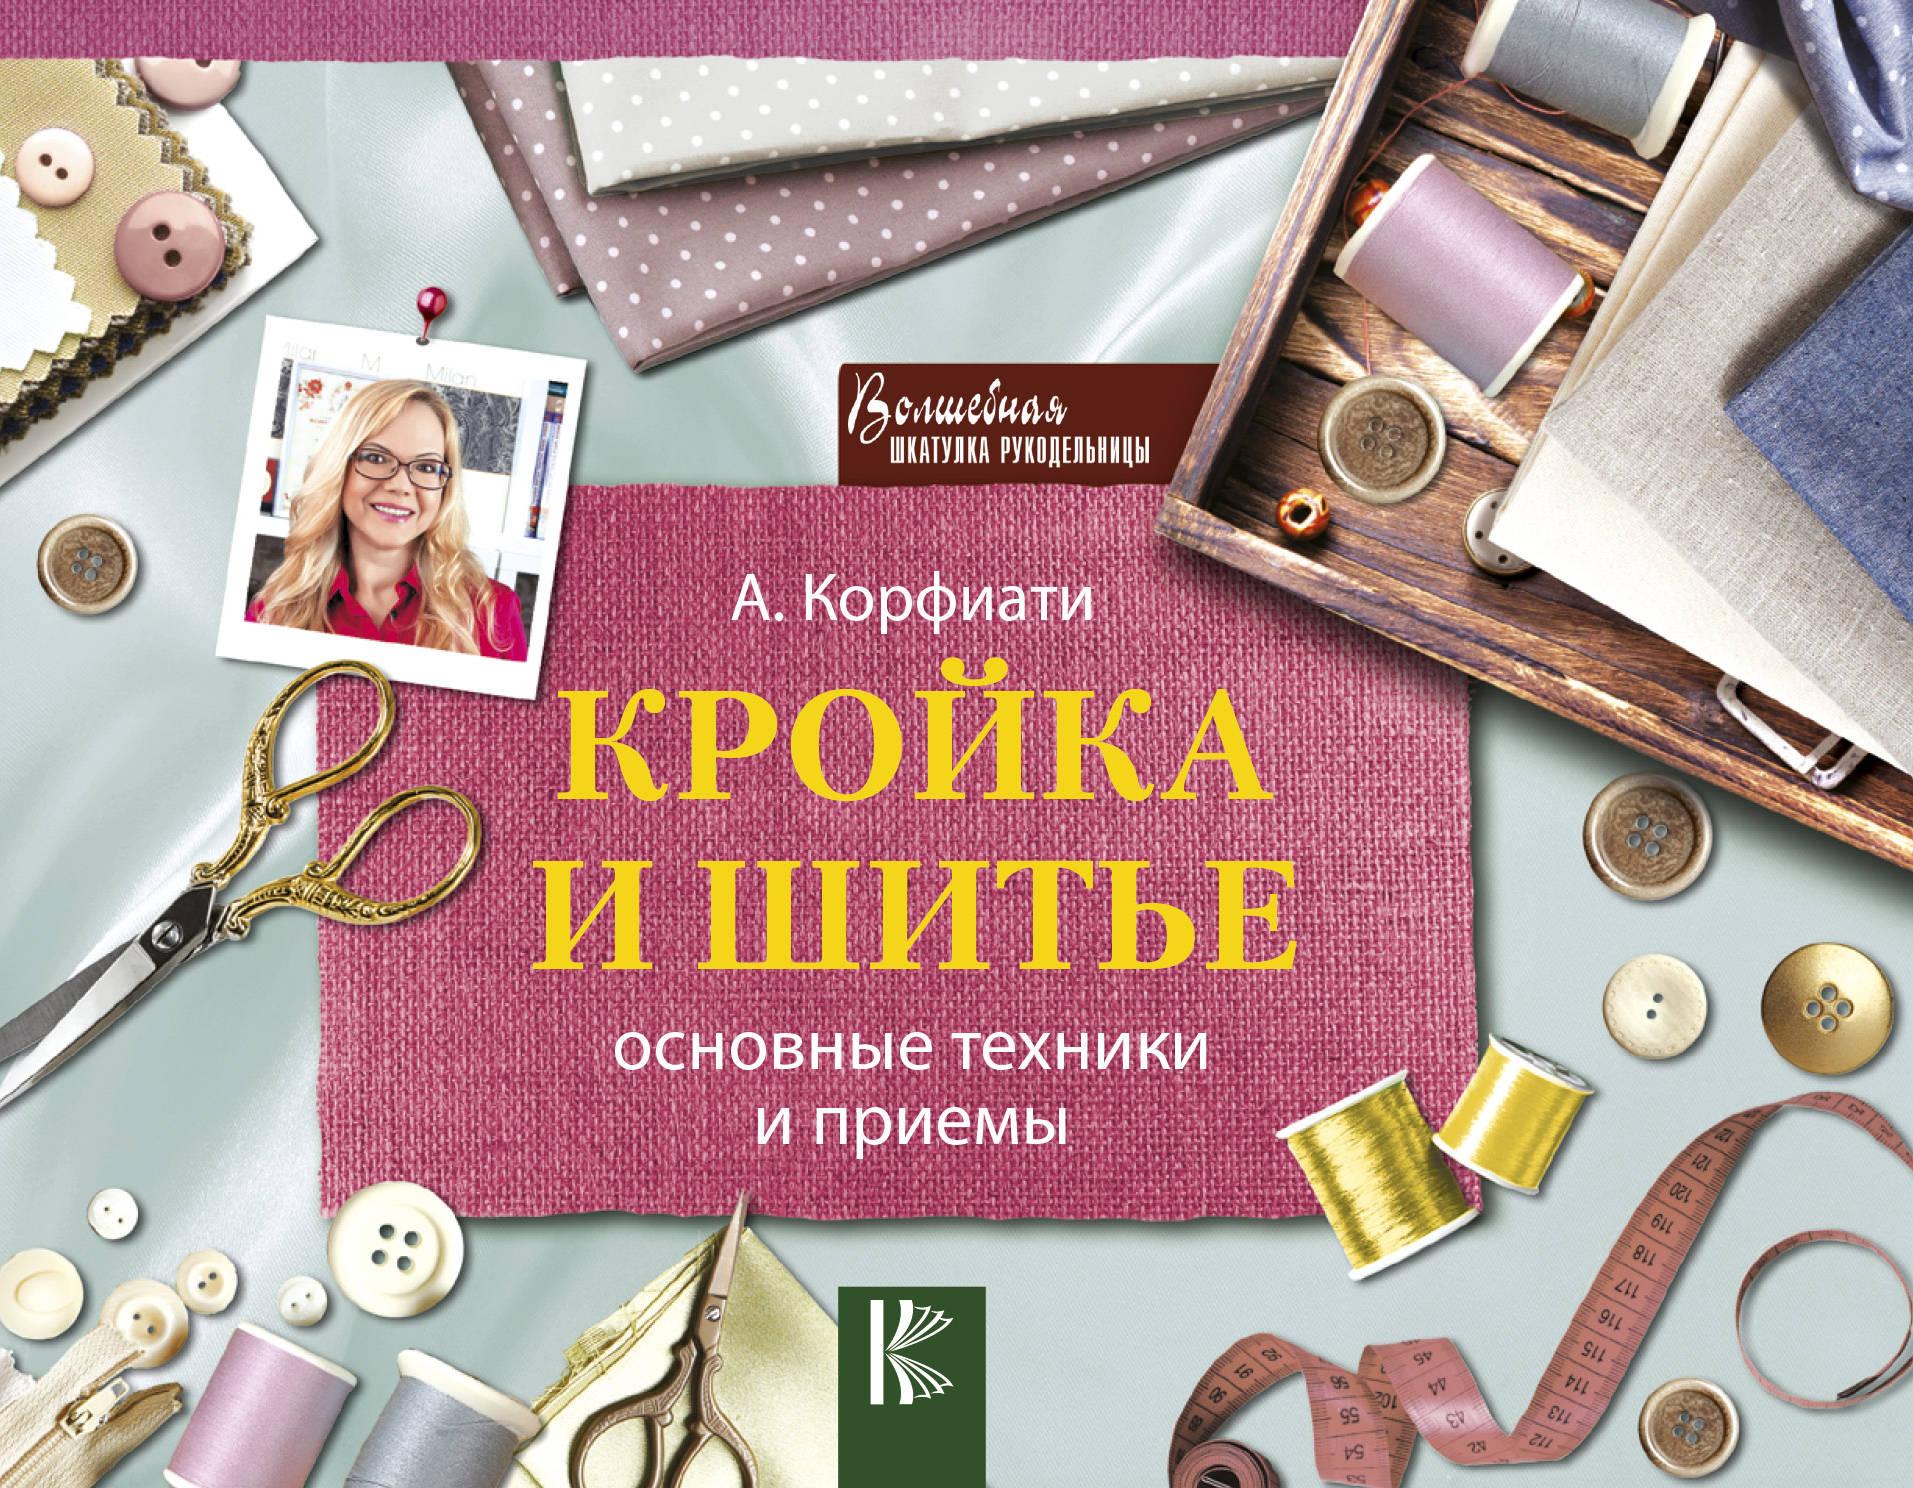 цена Анастасия Корфиати Кройка и шитье: основные техники и приемы онлайн в 2017 году